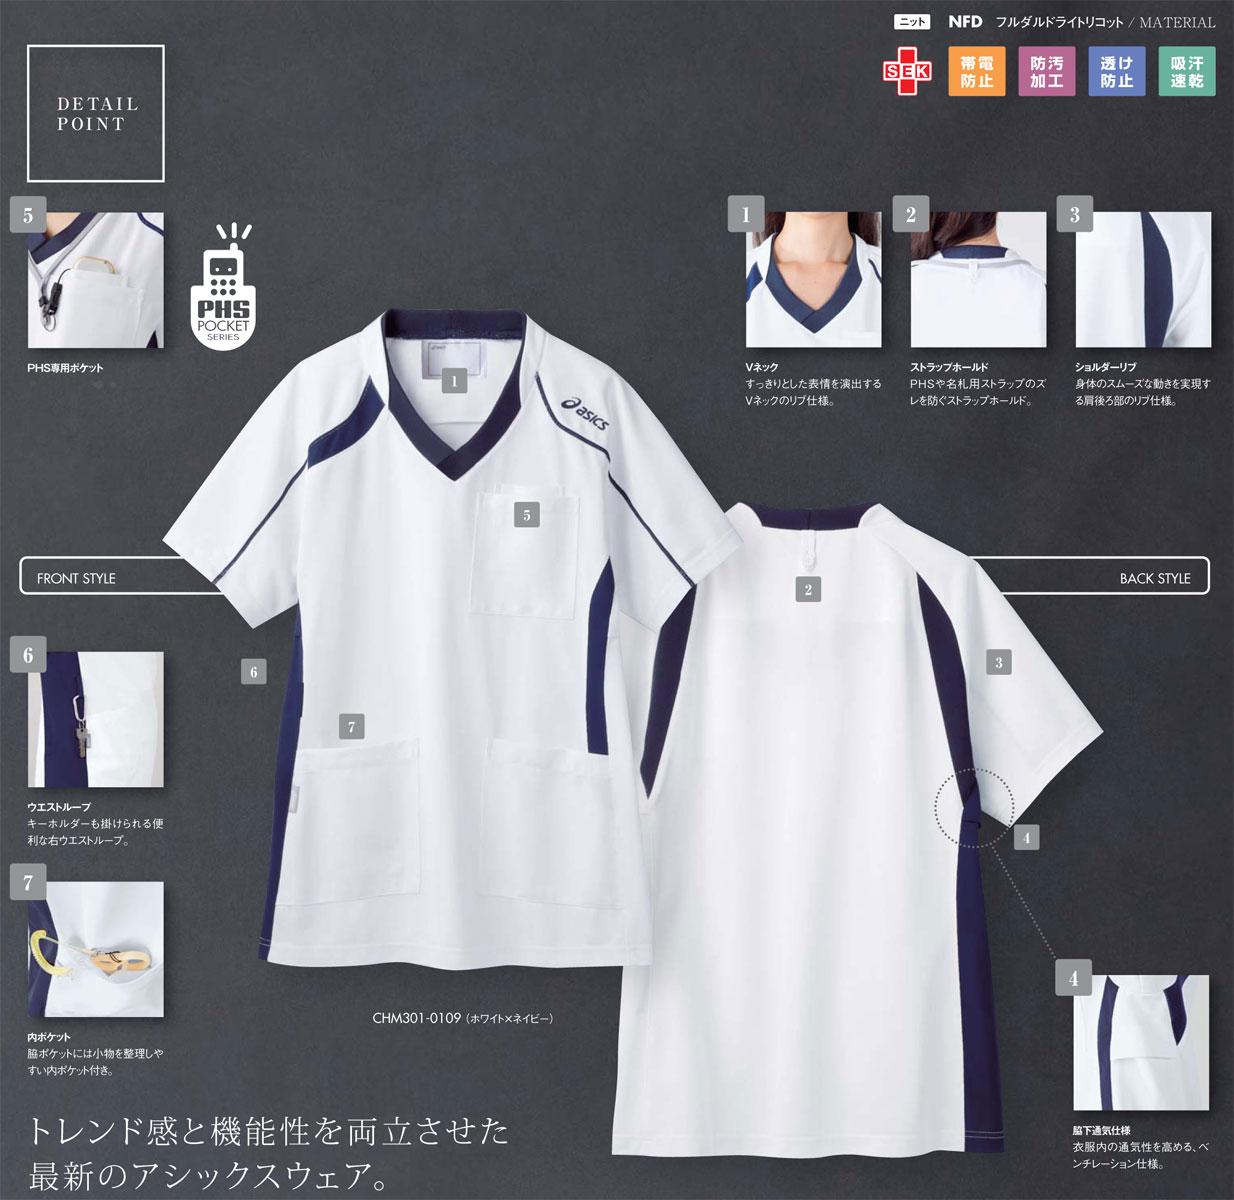 【ラッキーシール対応】白衣 ジャケット白衣(男性女性兼用)カラー:ホワイト×ネイビー CHM301-0109